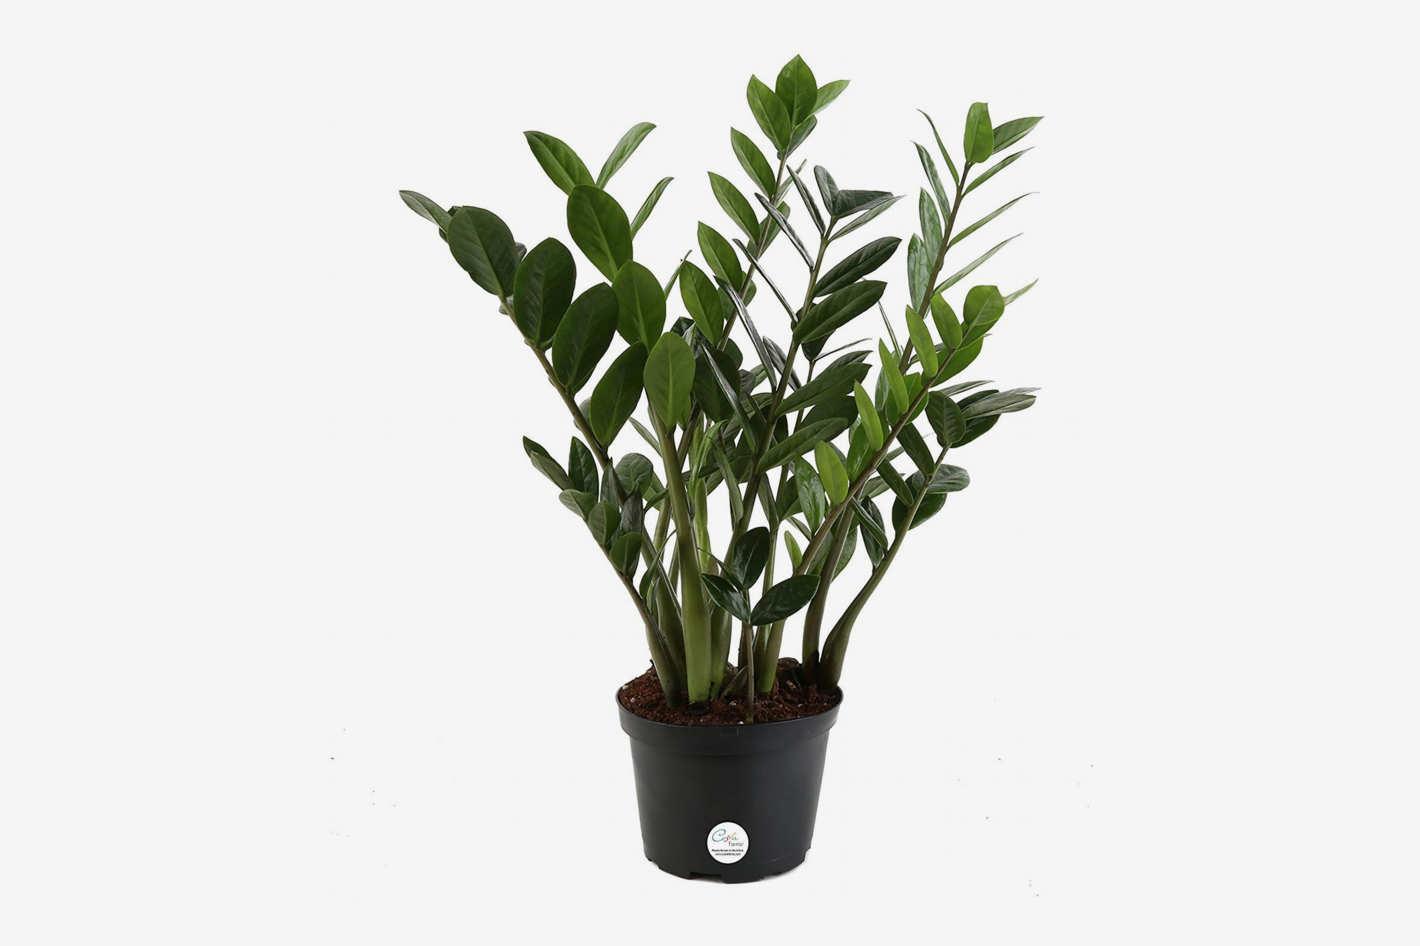 Ideal Indoor Plants